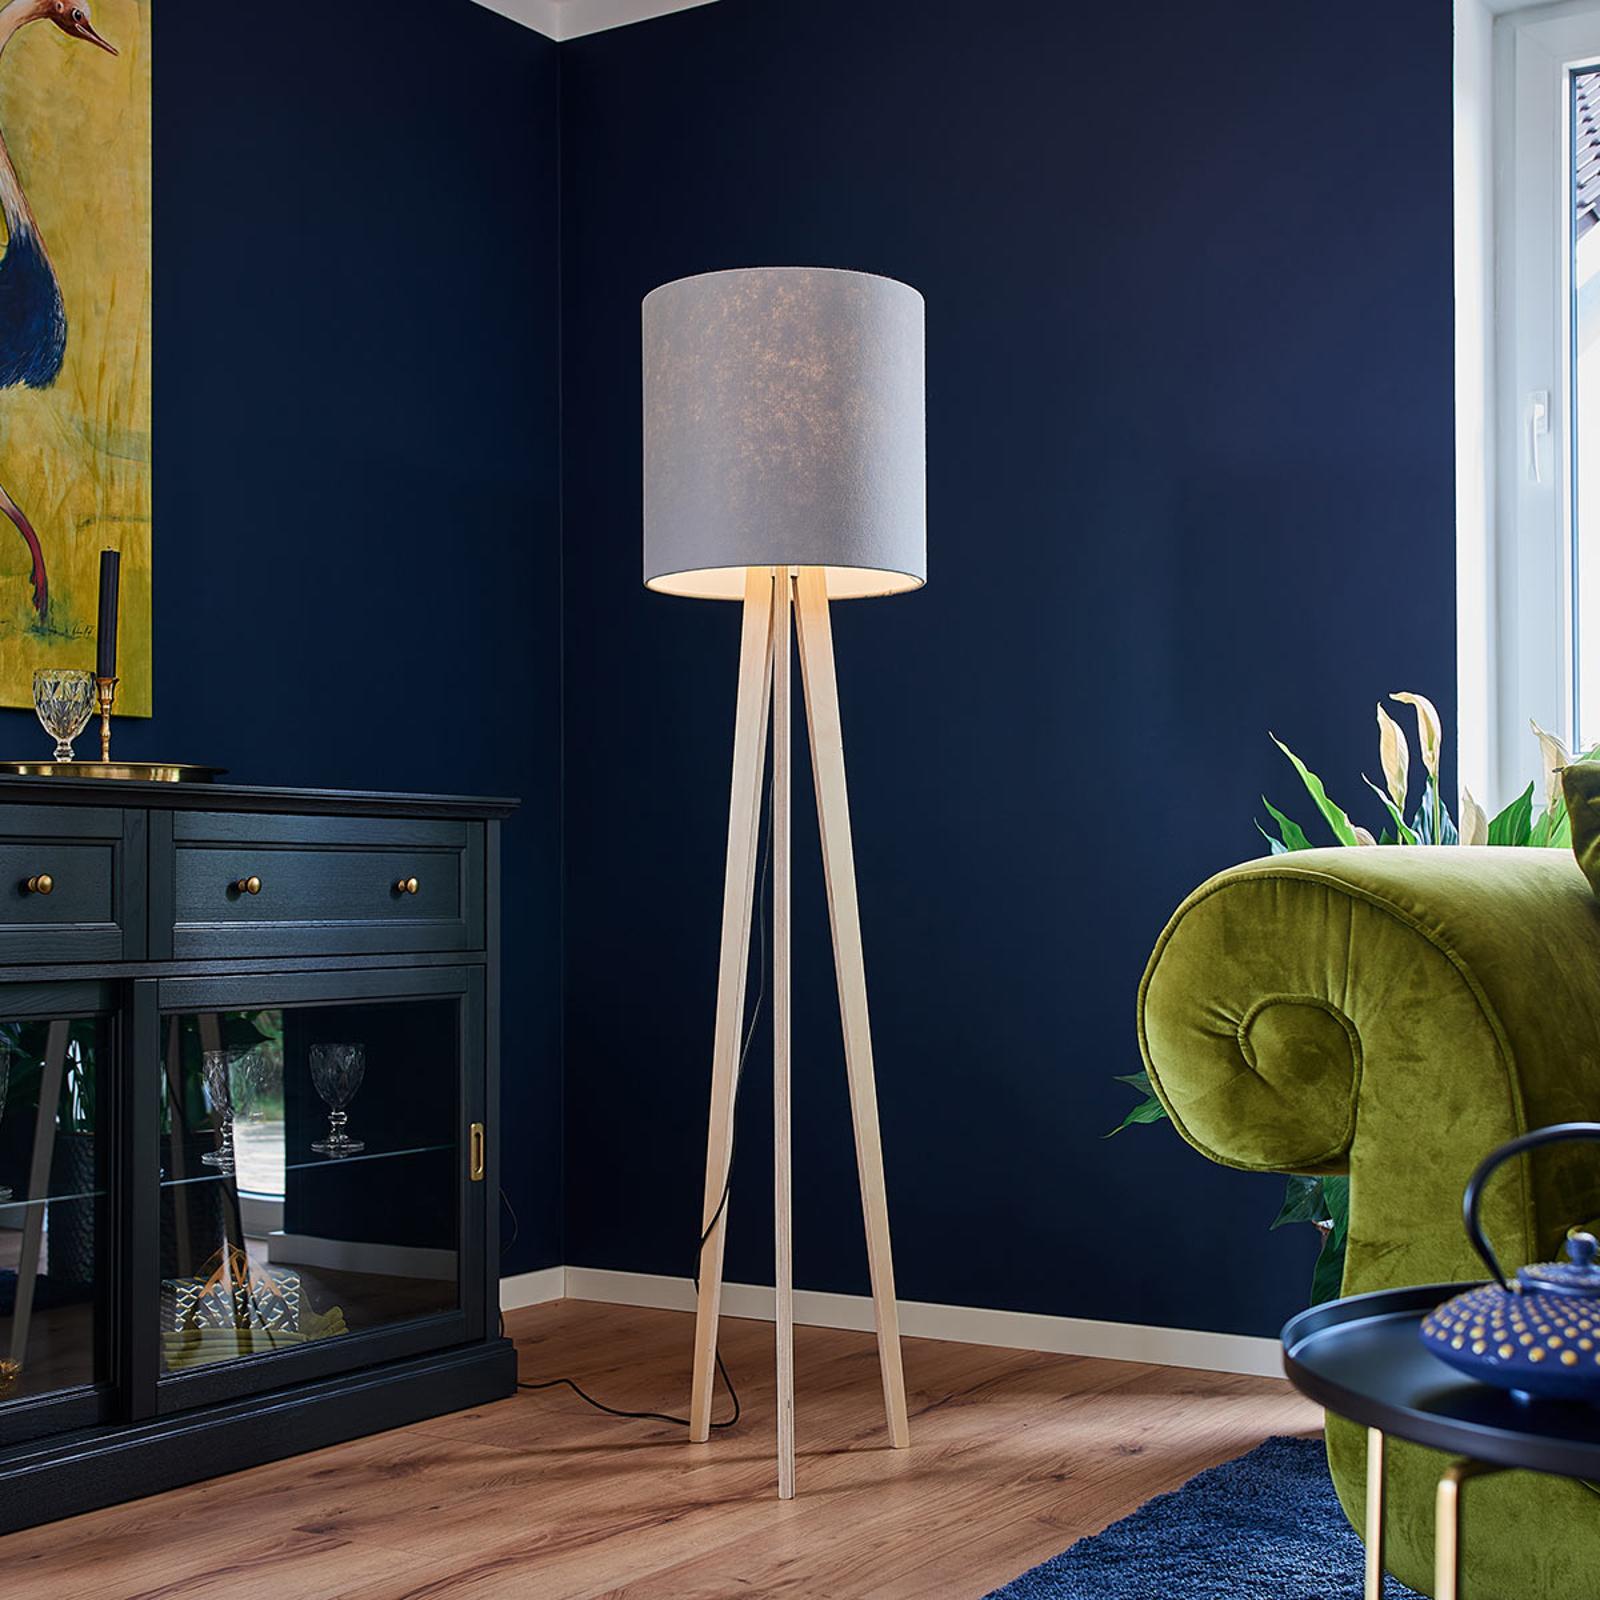 Tekstil standerlampe Nida med trebenet træstel